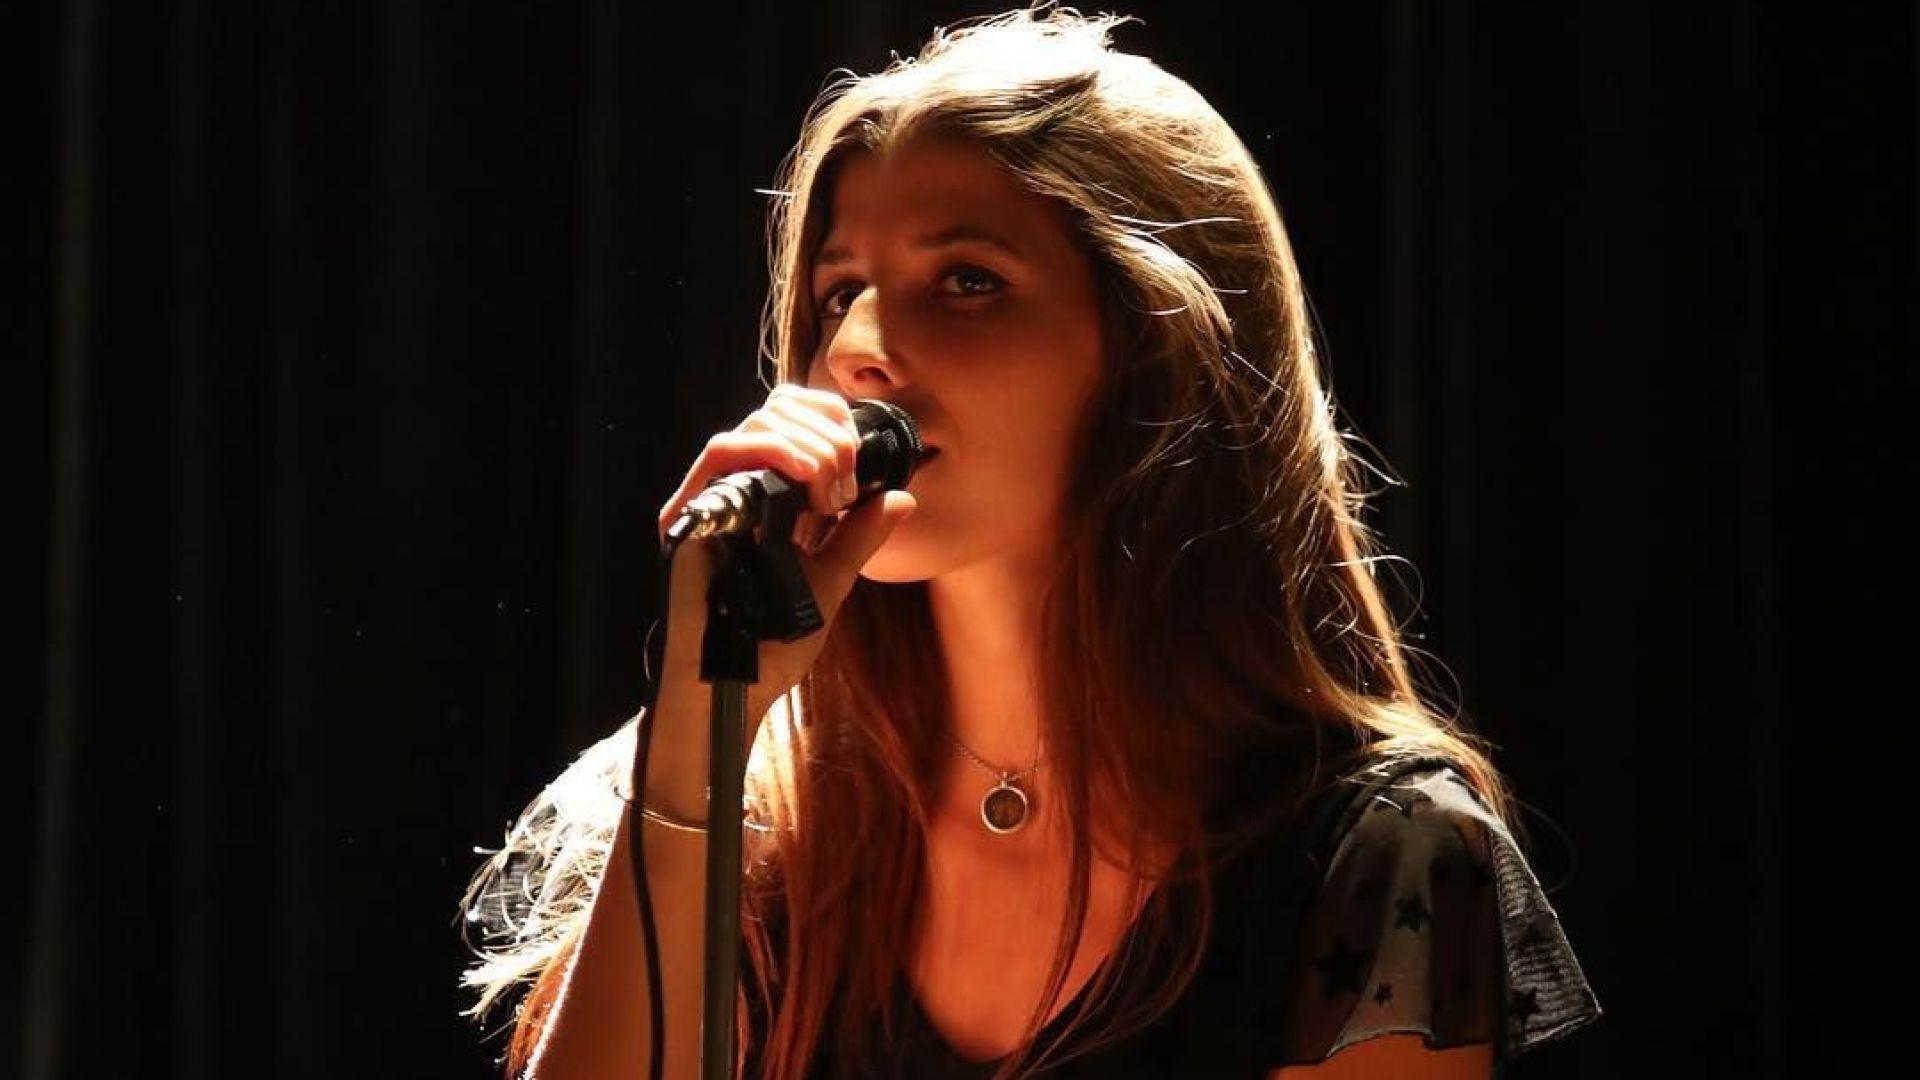 Внучката на Симеон издава първи албум. Чуйте вълшебния ѝ глас